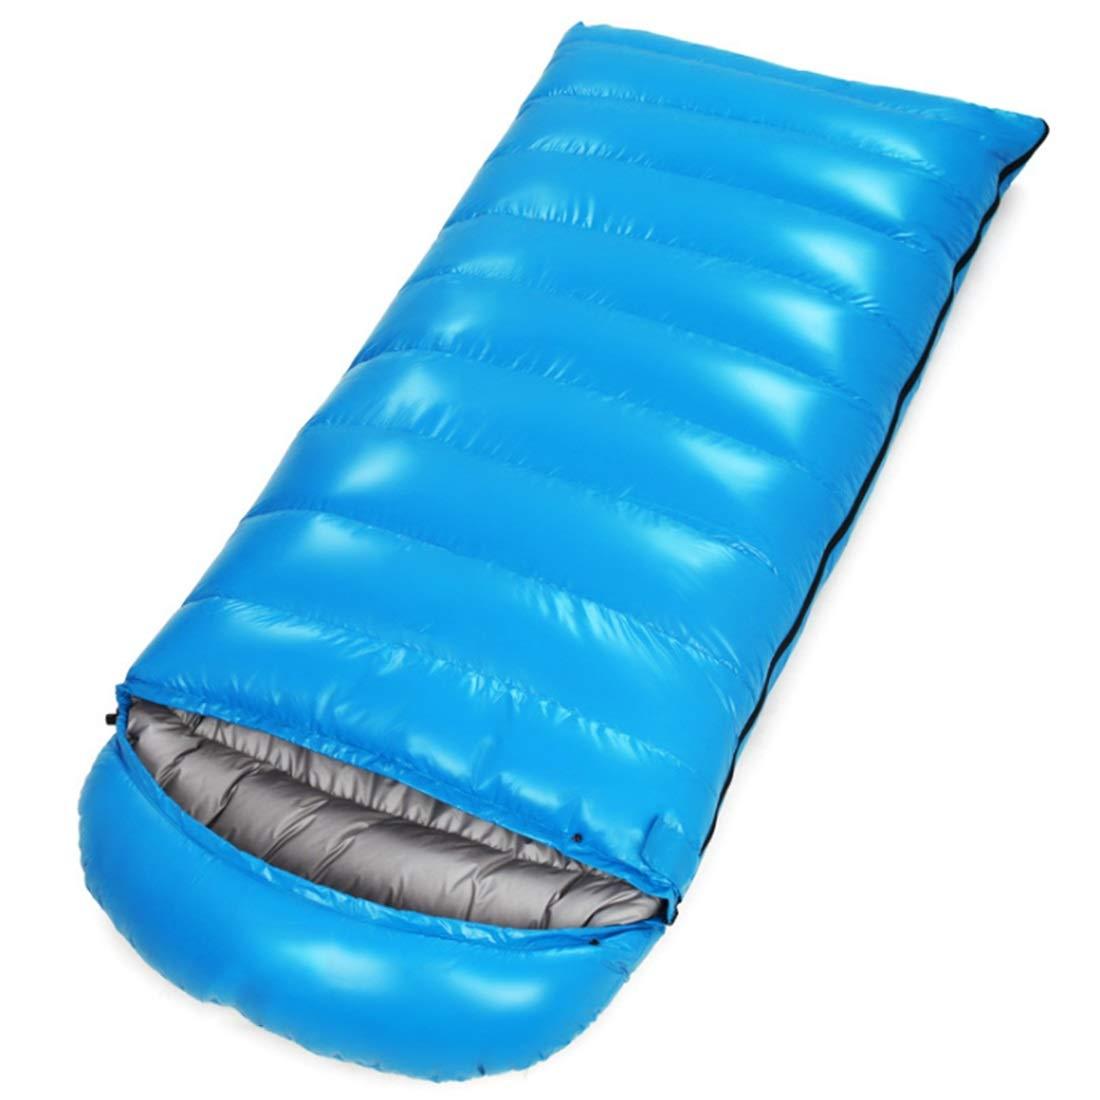 Xasclnis Umschlag-Leichtgewichtler tragbar für Das Reisen, Wandern, kampierend, Komfort für Kinder (Farbe : Blau, Größe : 1200g)